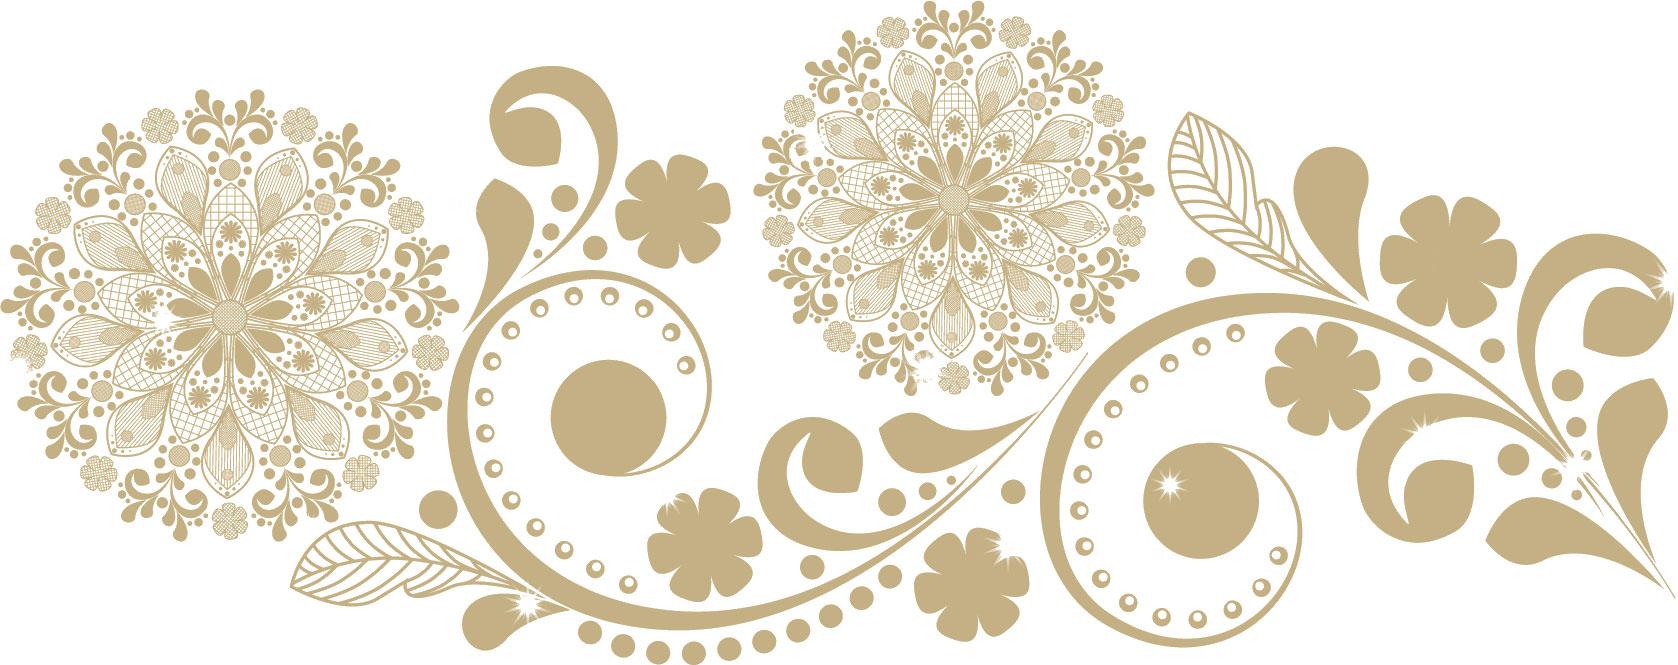 花のライン線イラスト-花と葉のイメージ